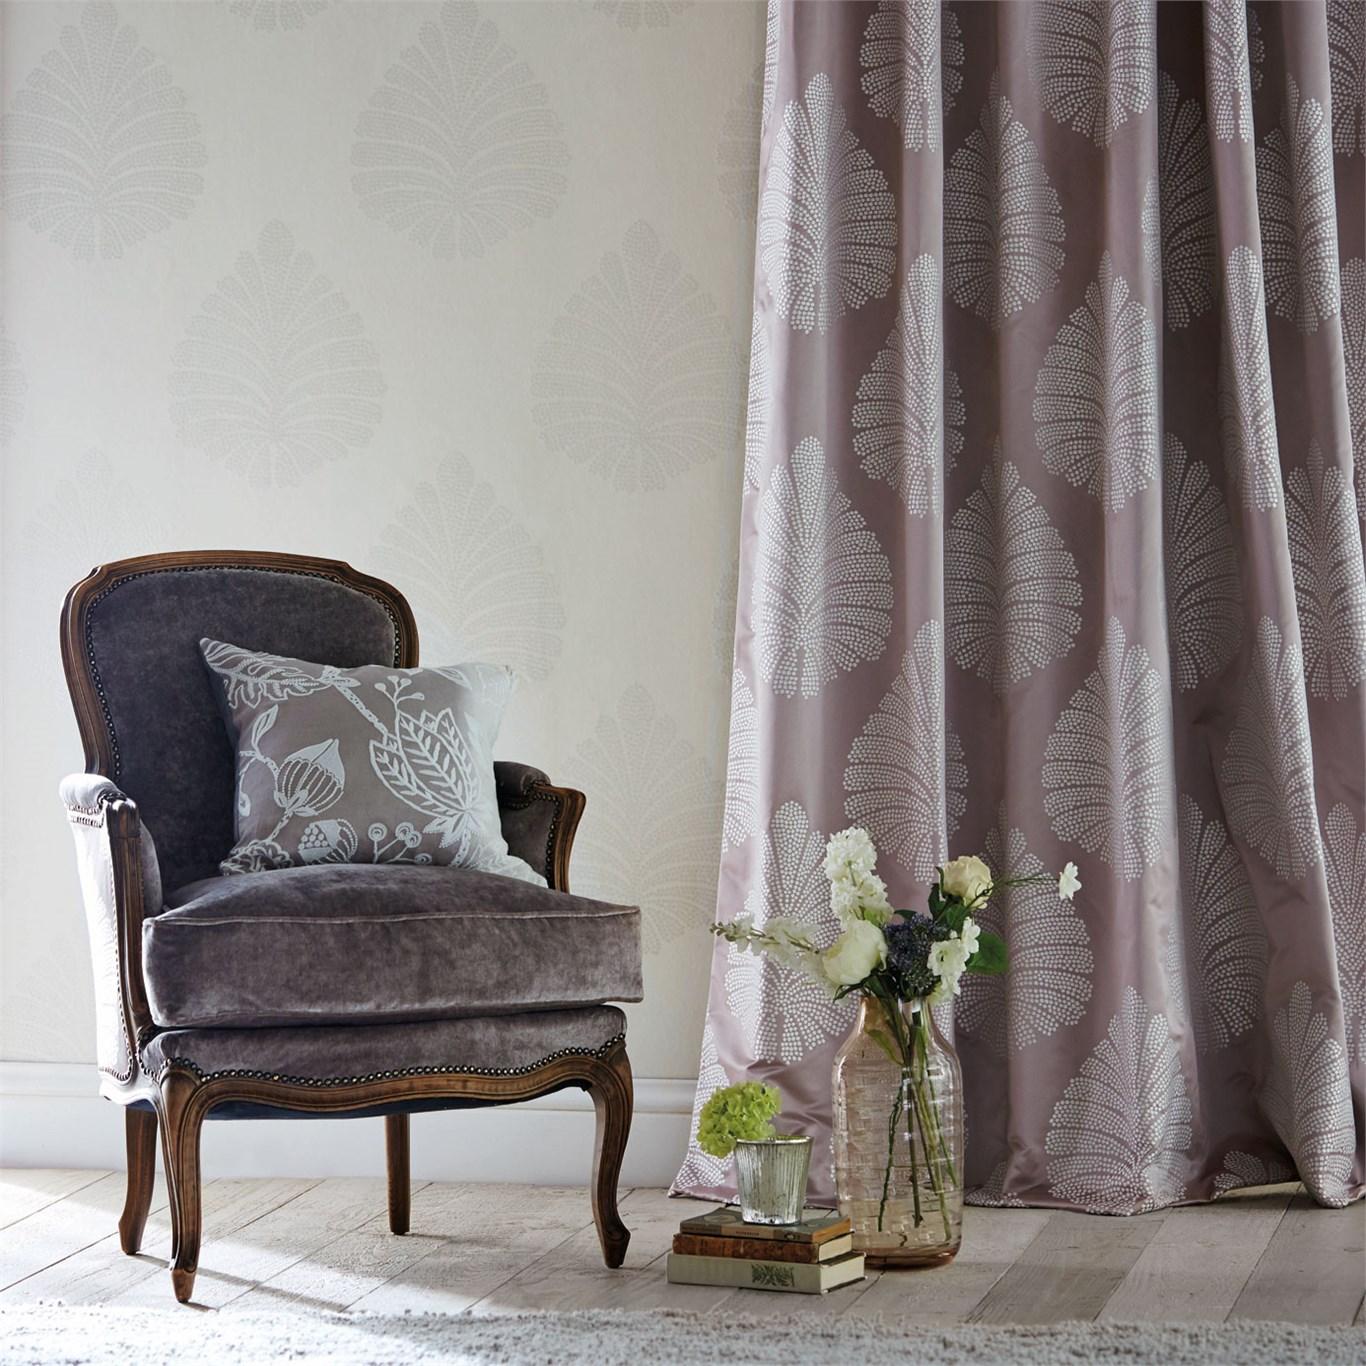 Harlequin-Purity-Fabrics-04.jpg